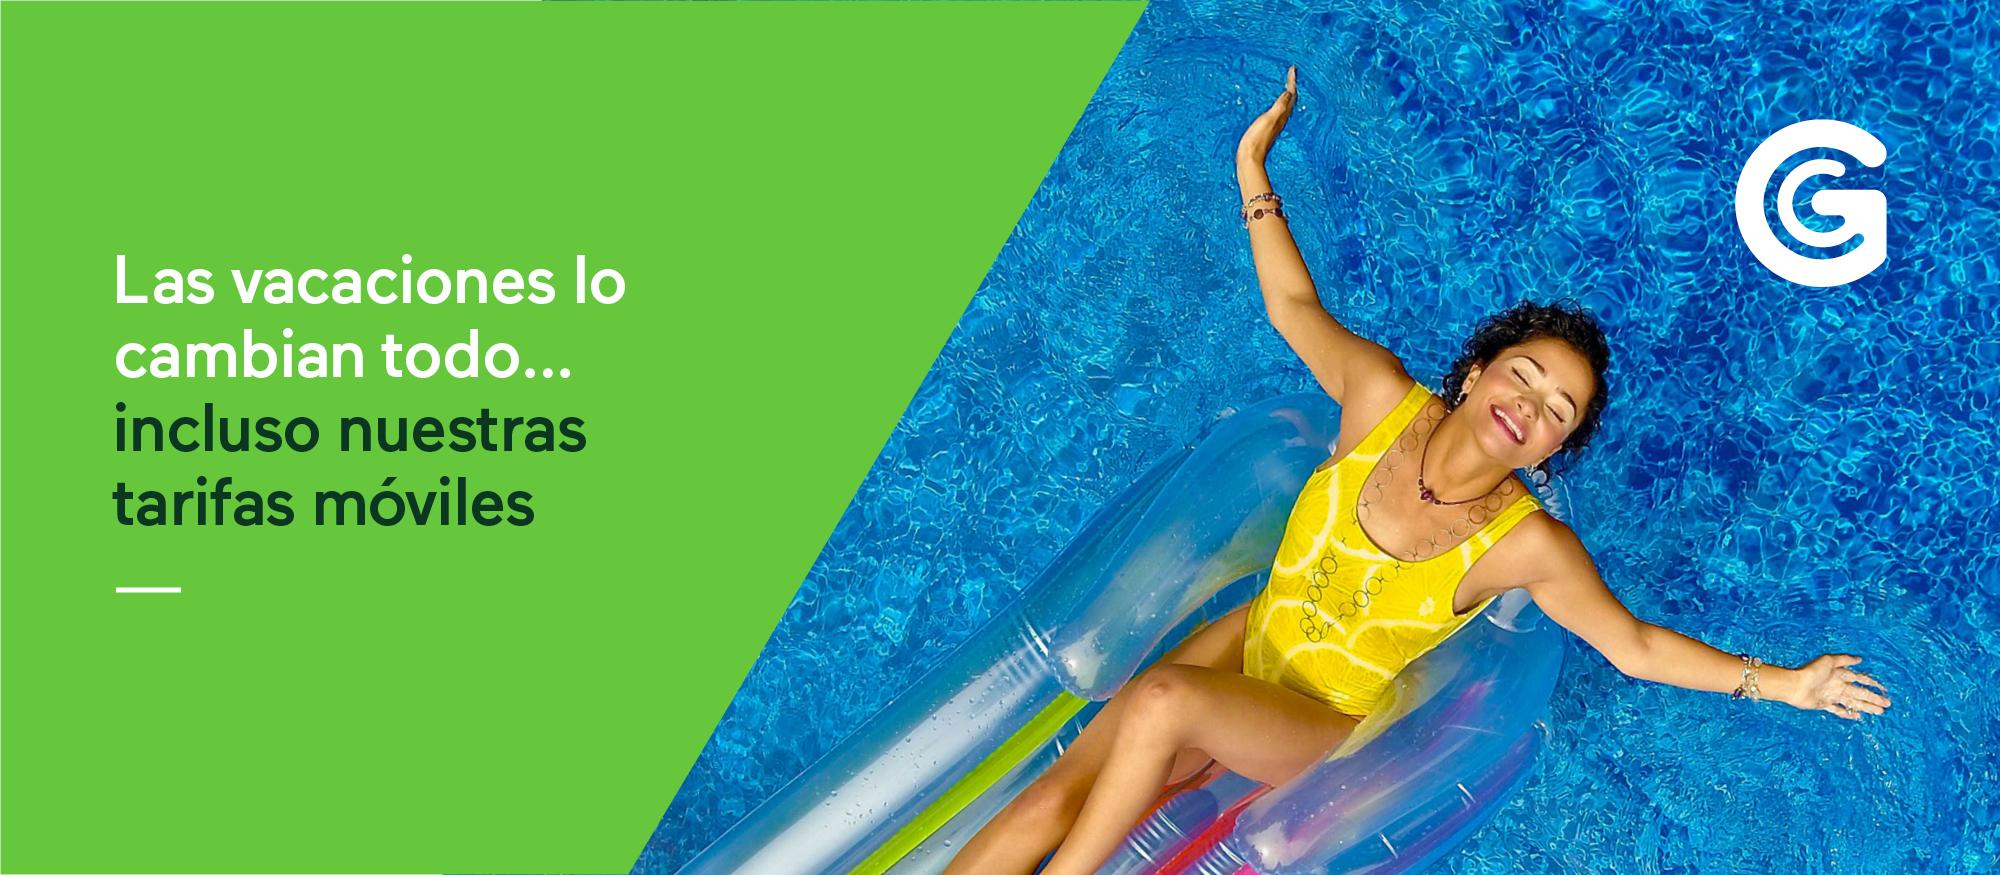 Las vacaciones lo cambian todo… incluso nuestras tarifas móviles